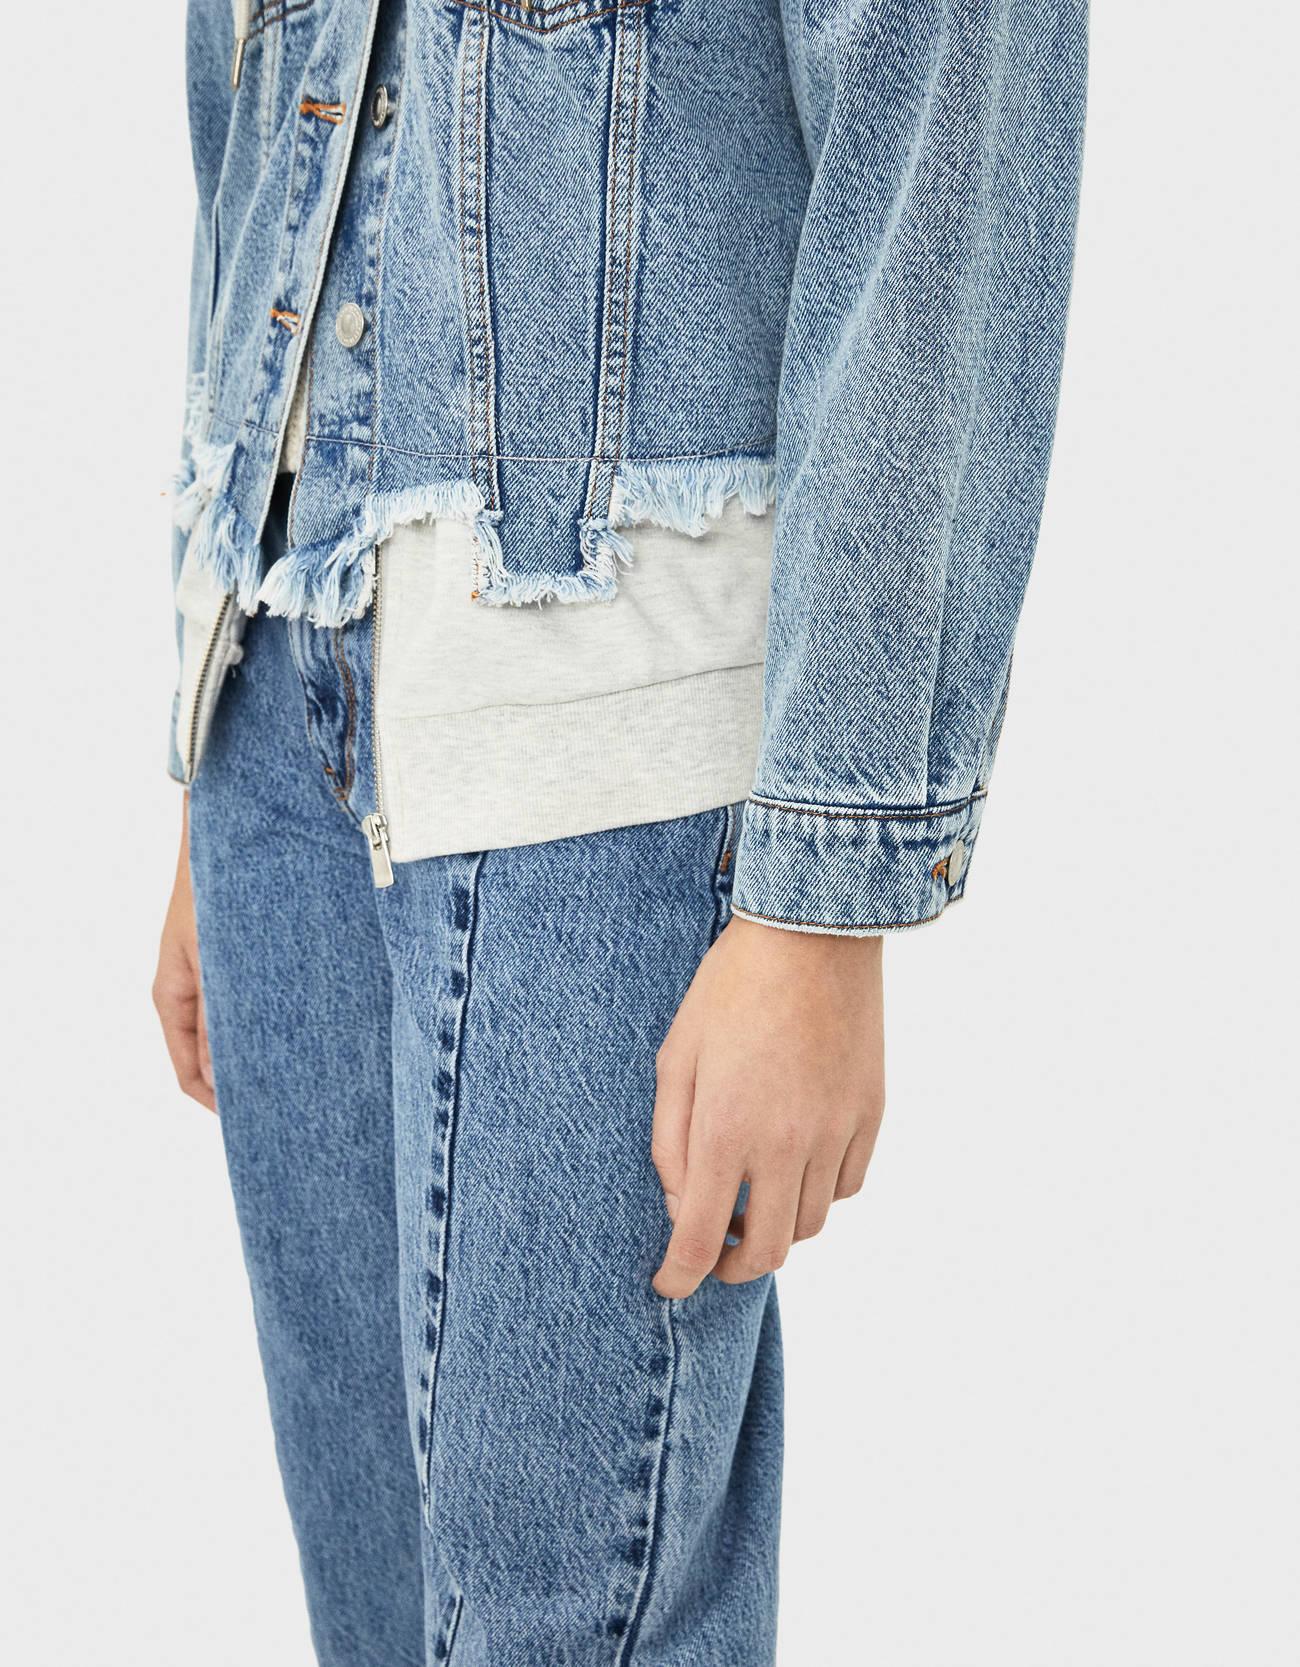 Джинсовая куртка с контрастными вставками из мягкой ткани Синий застиранный Bershka